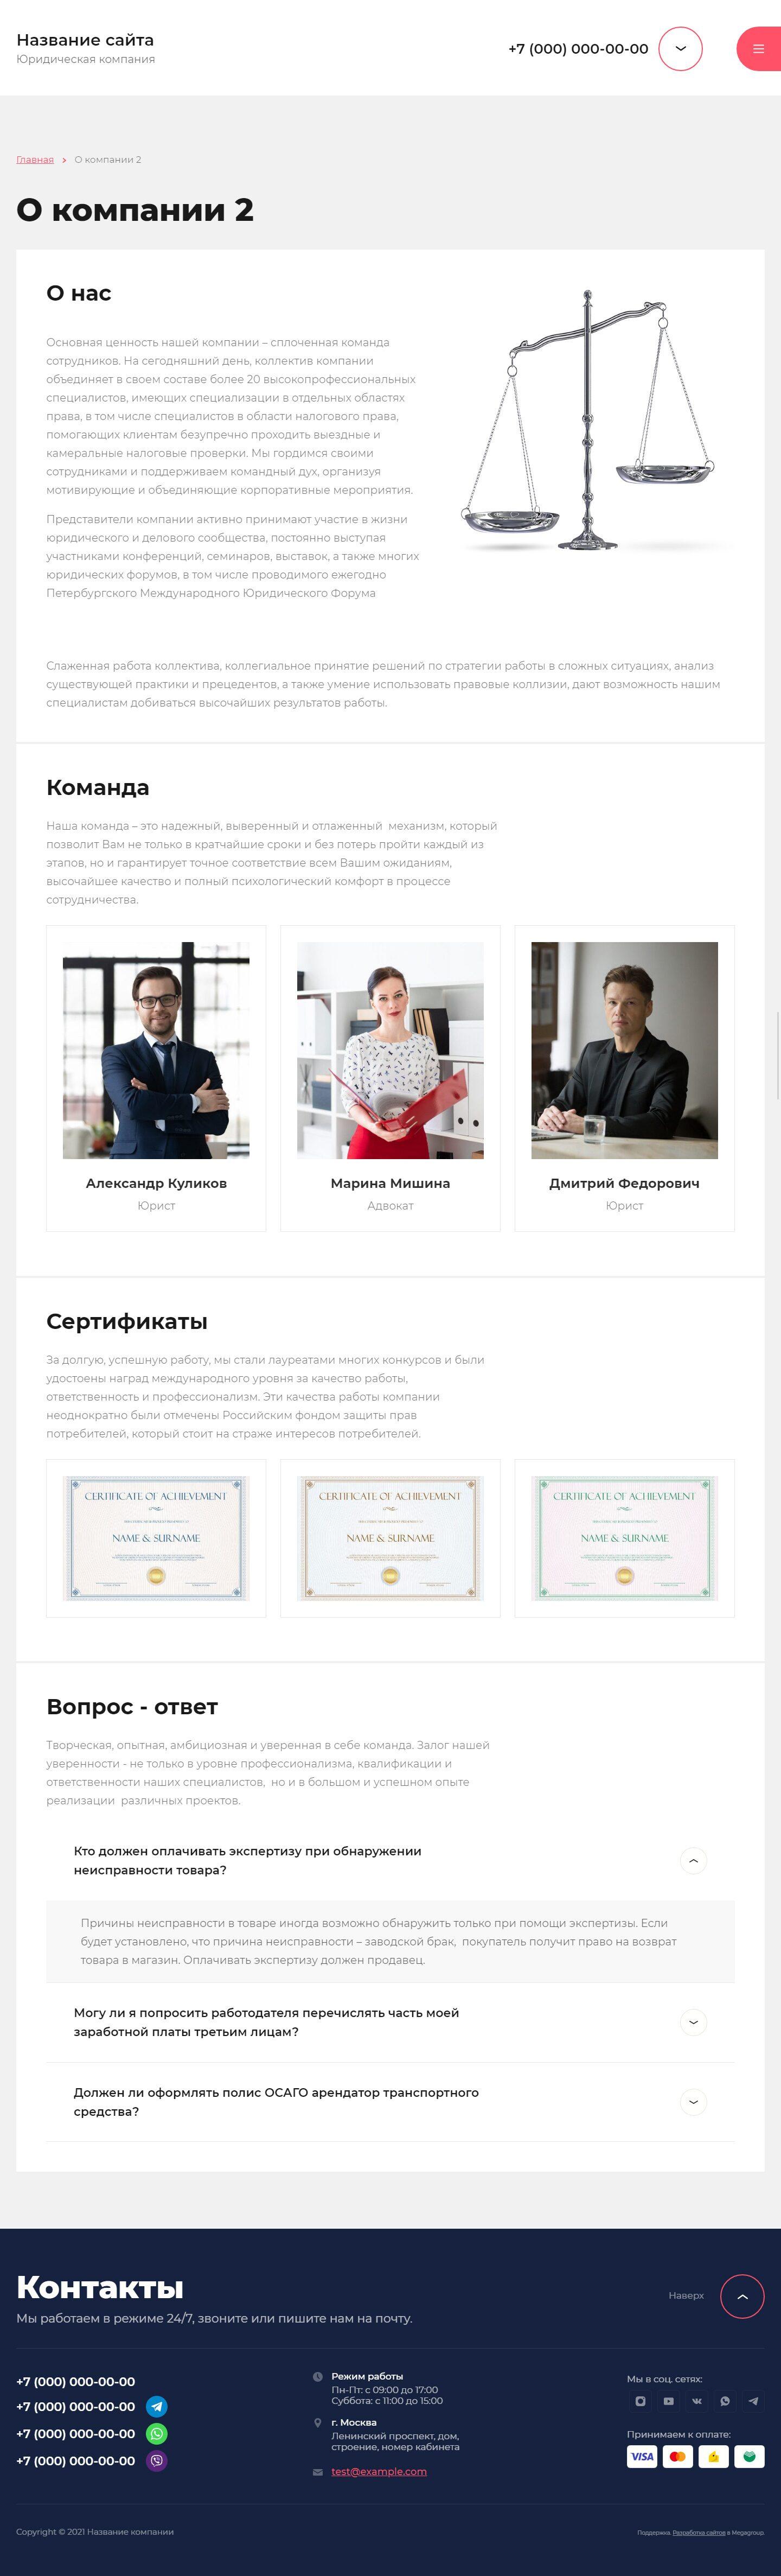 Готовый Сайт-Бизнес #3048740 - Юридические и адвокатские услуги (О компании)